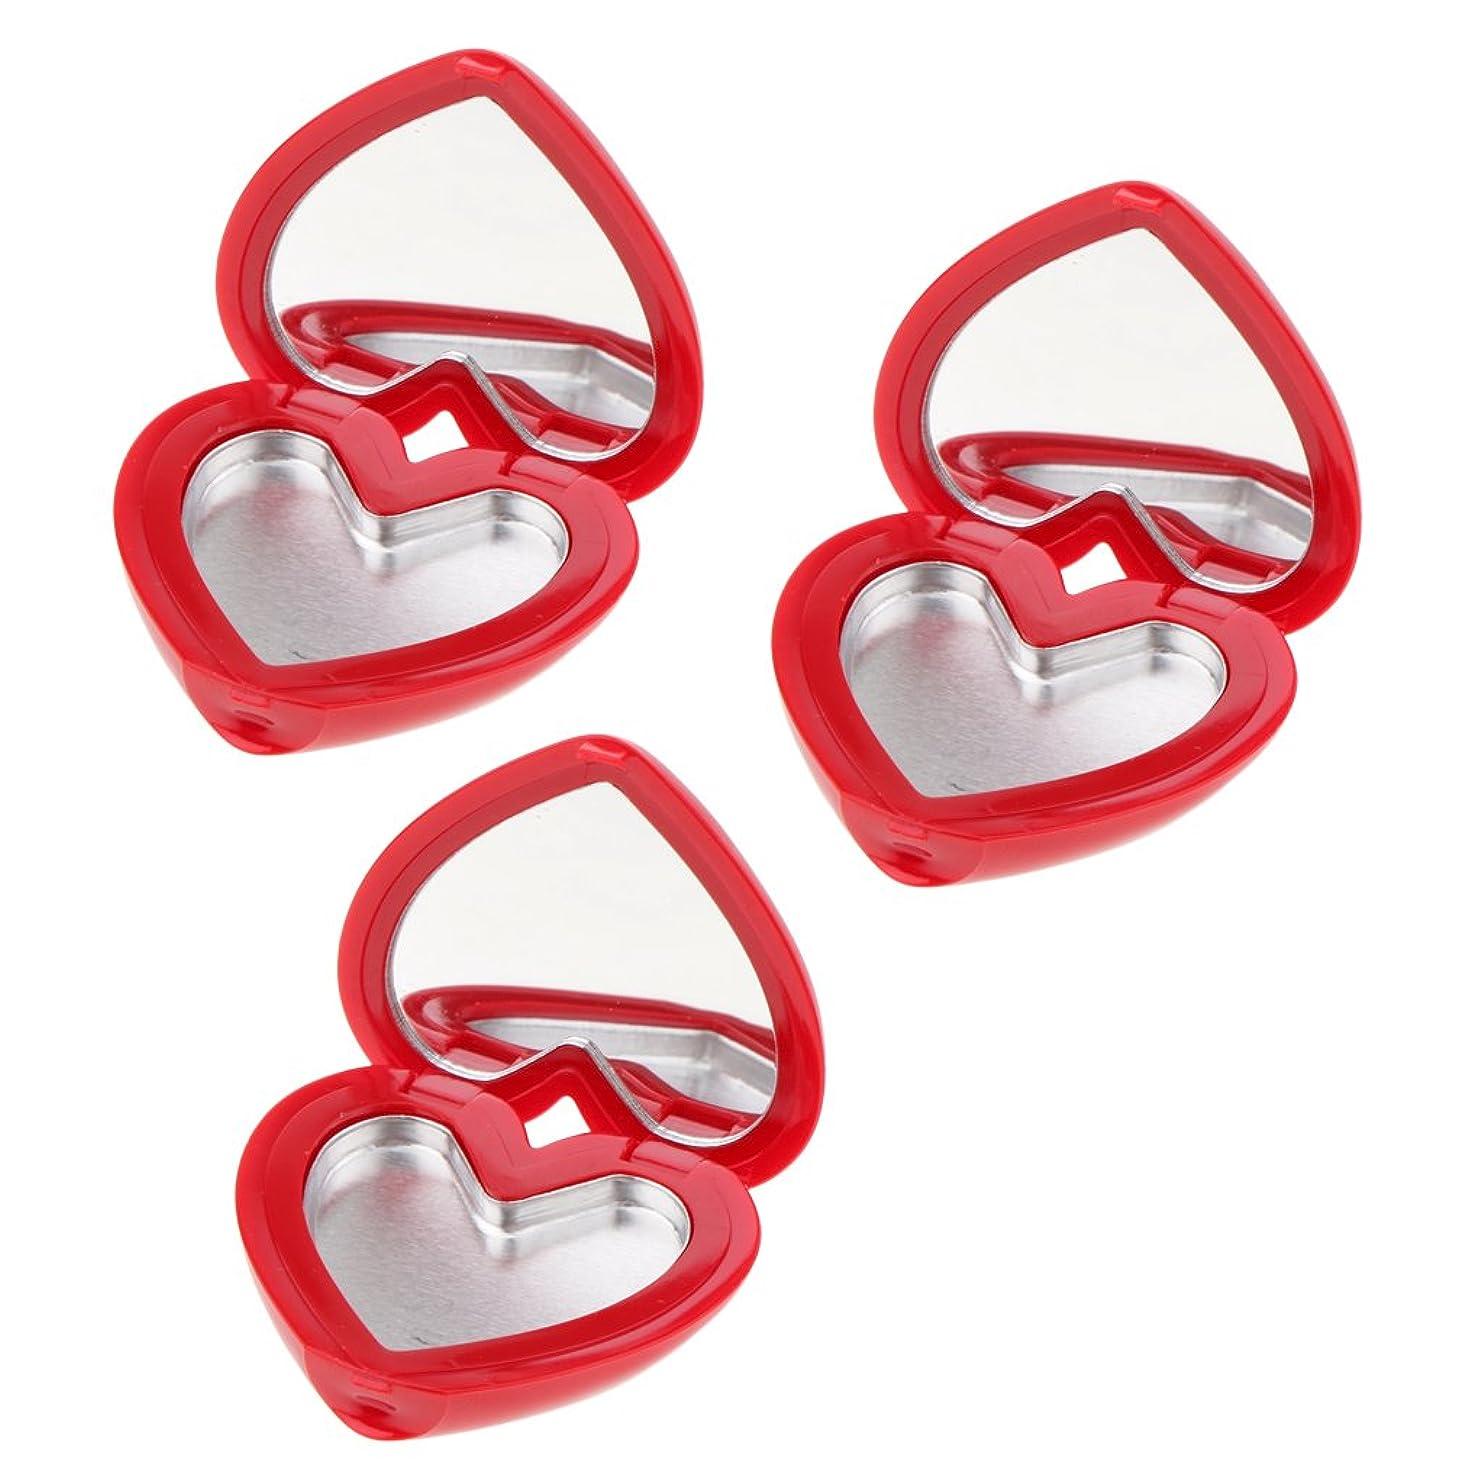 デンマーク語ソート制限Perfk コスメ 詰替え 収納ケース 口紅 アイシャドウ ハート型 手作り プレゼント おしゃれ 全4色 - 赤